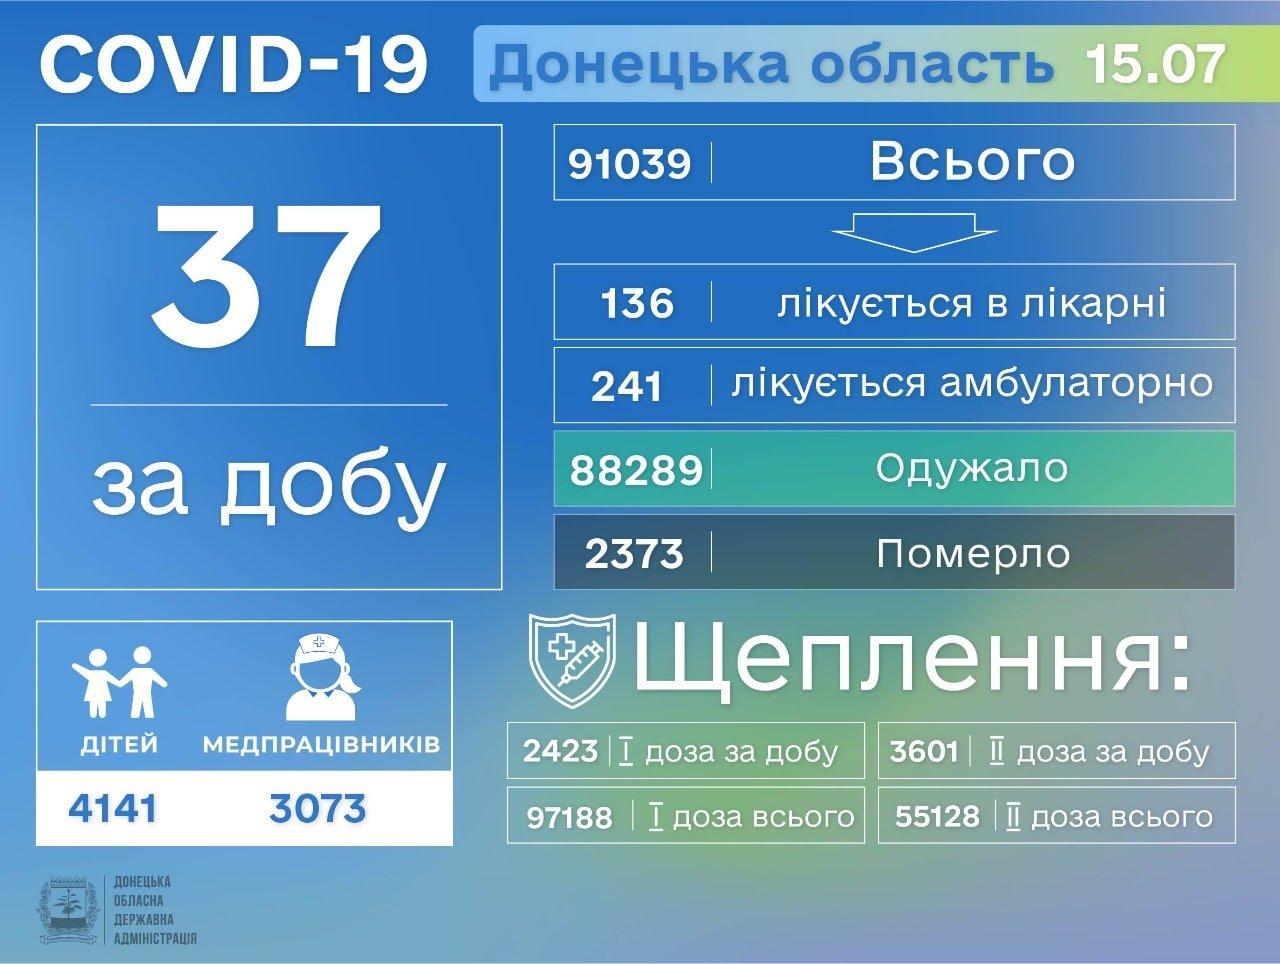 В Донецкой области 37 больных COVID-19 за сутки, фото-1